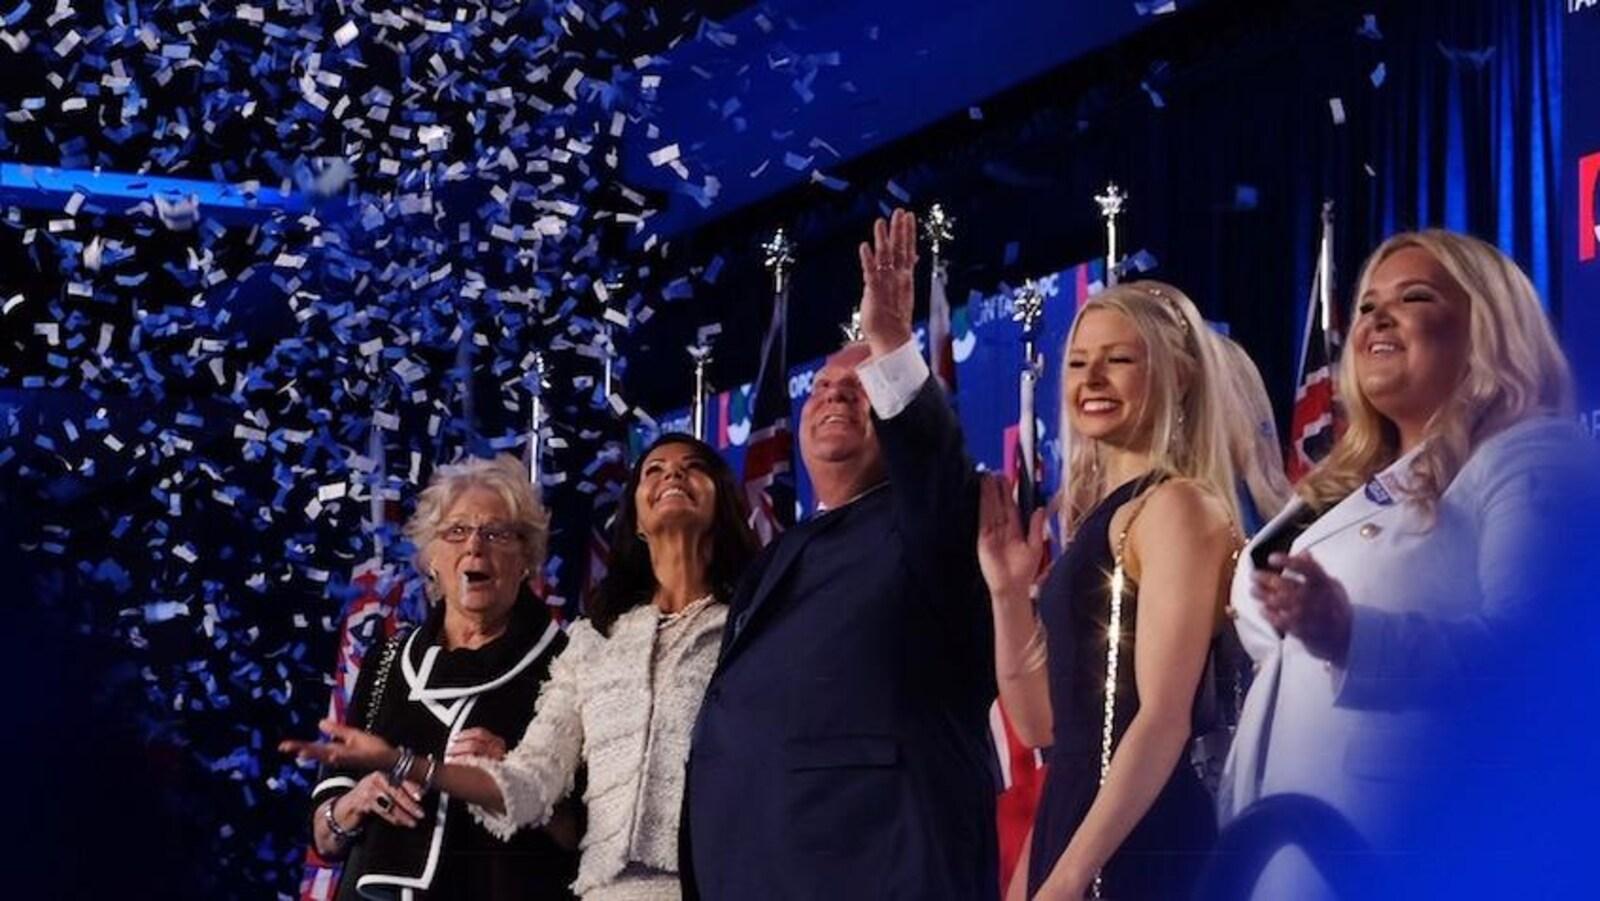 Doug Ford célèbre sa victoire entouré de sa famille.